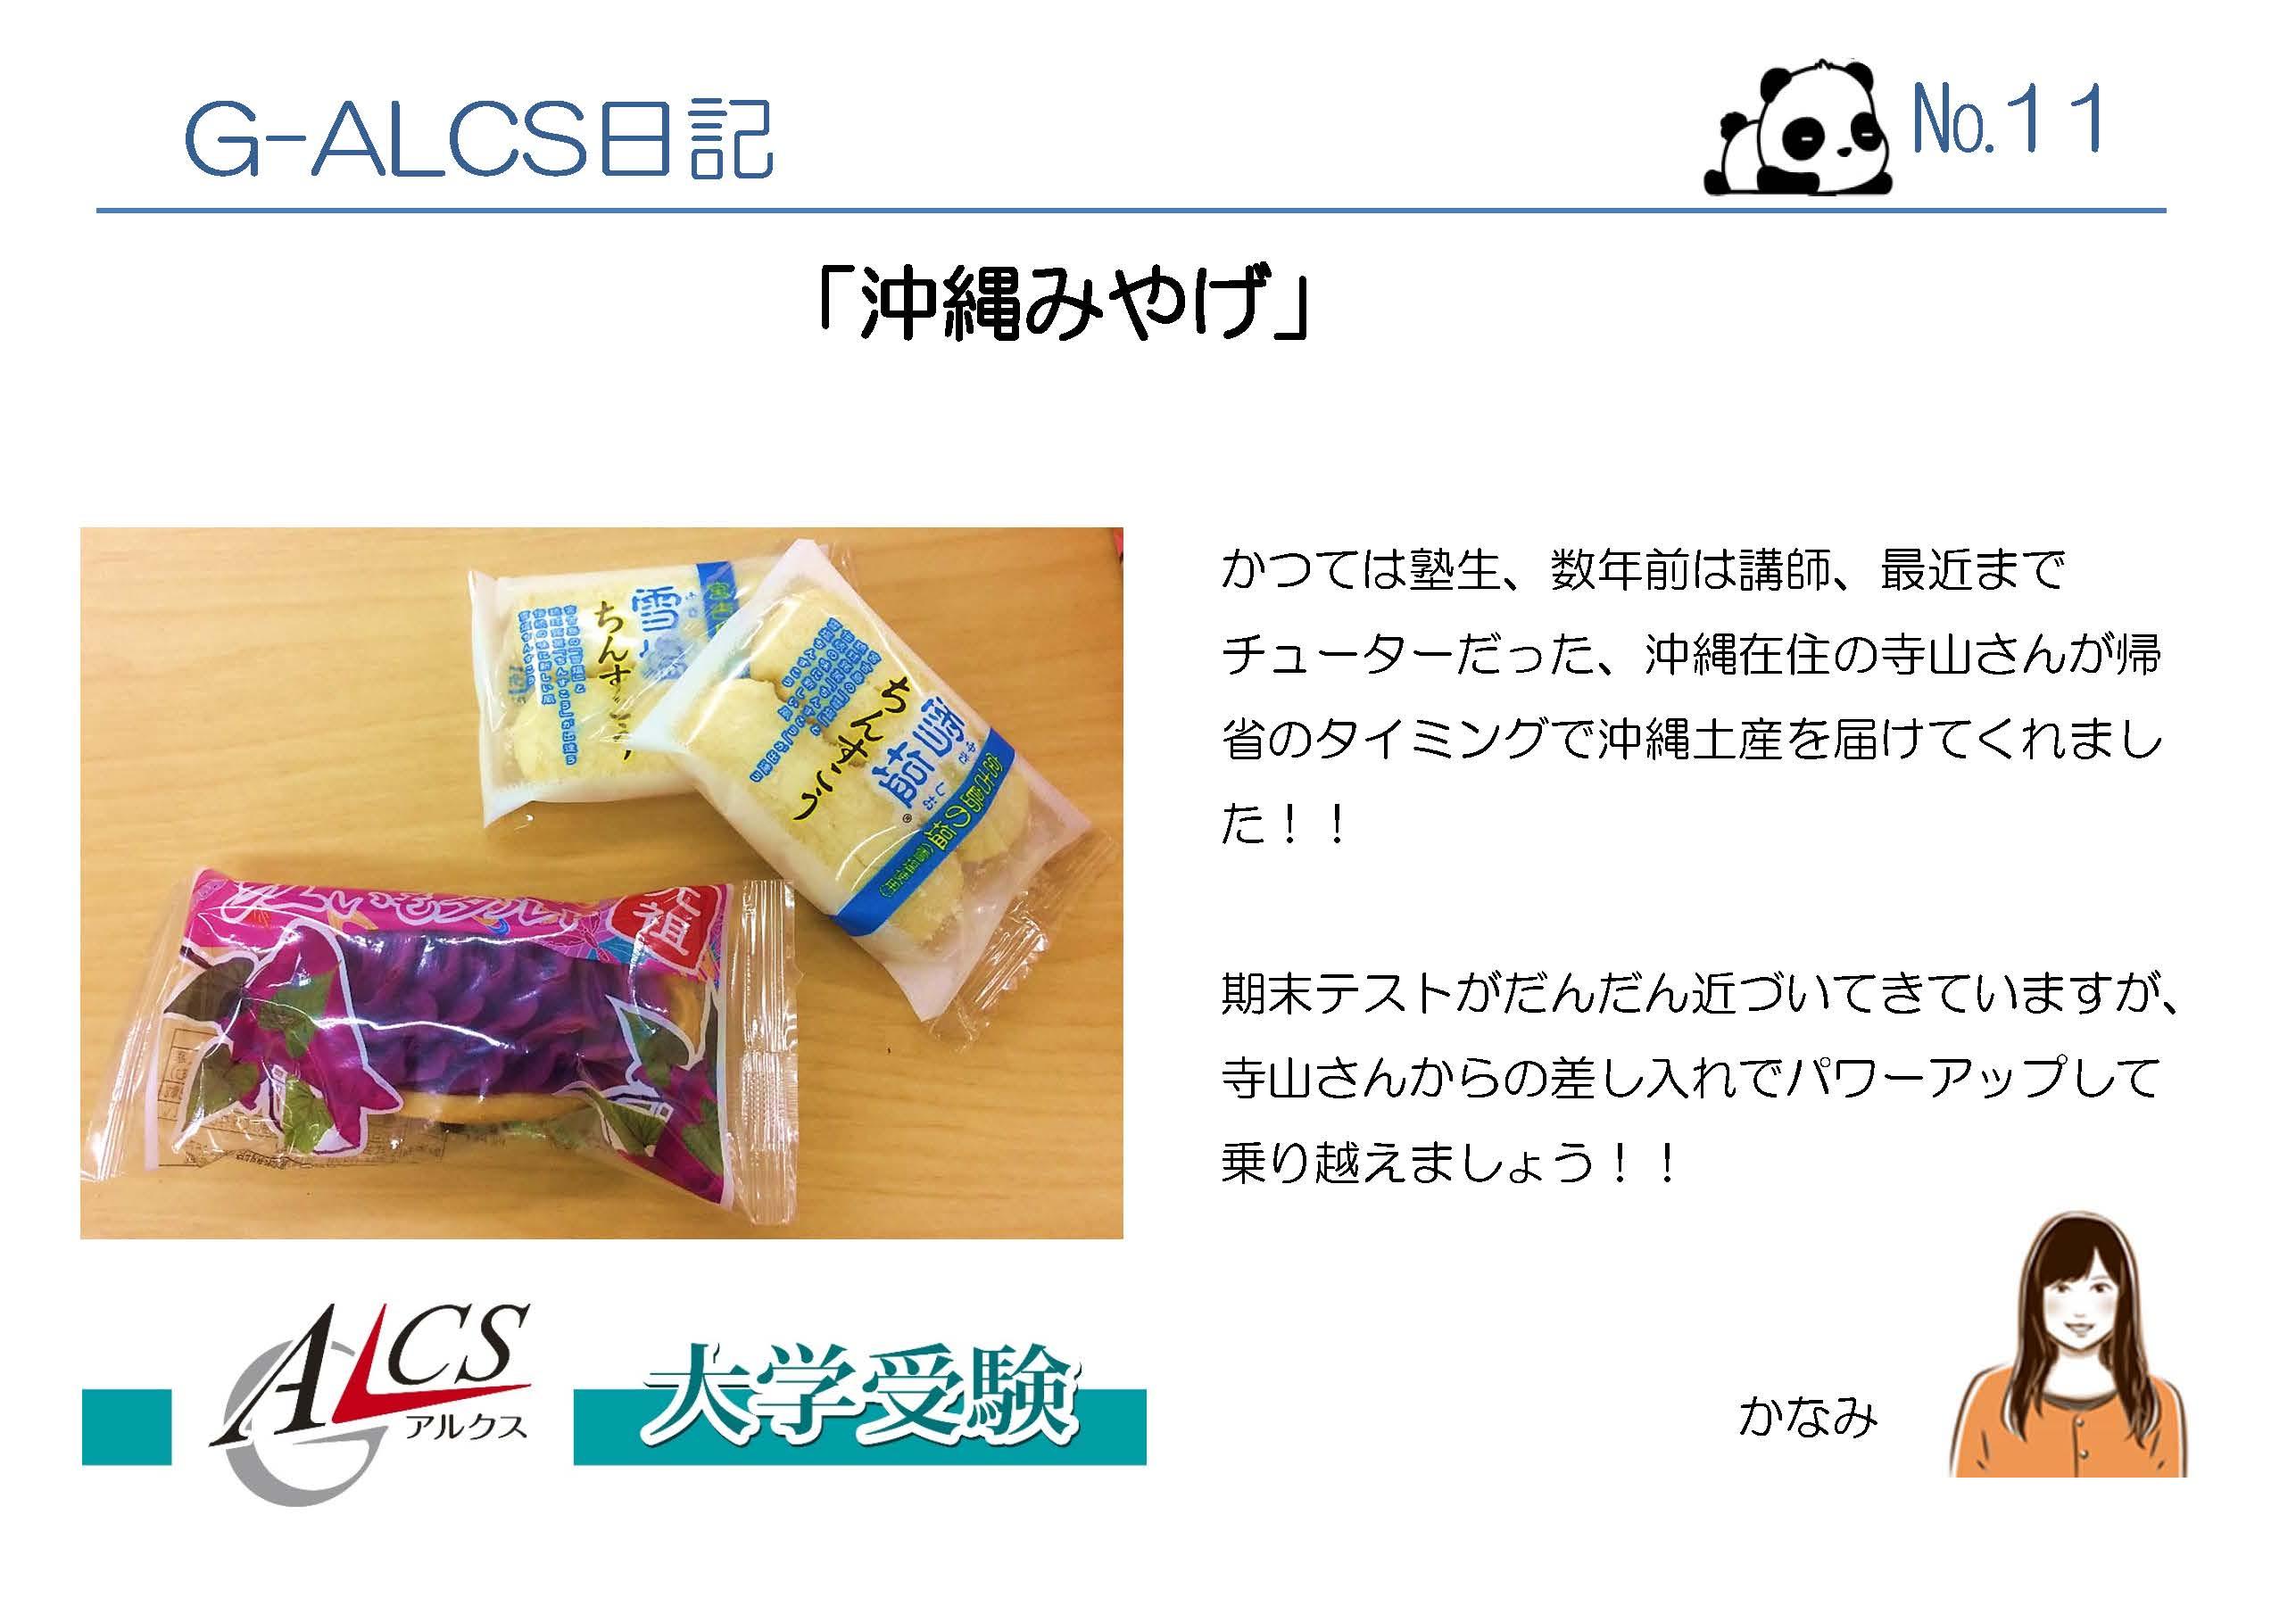 G-ALCSブログ 1代目_ページ_11